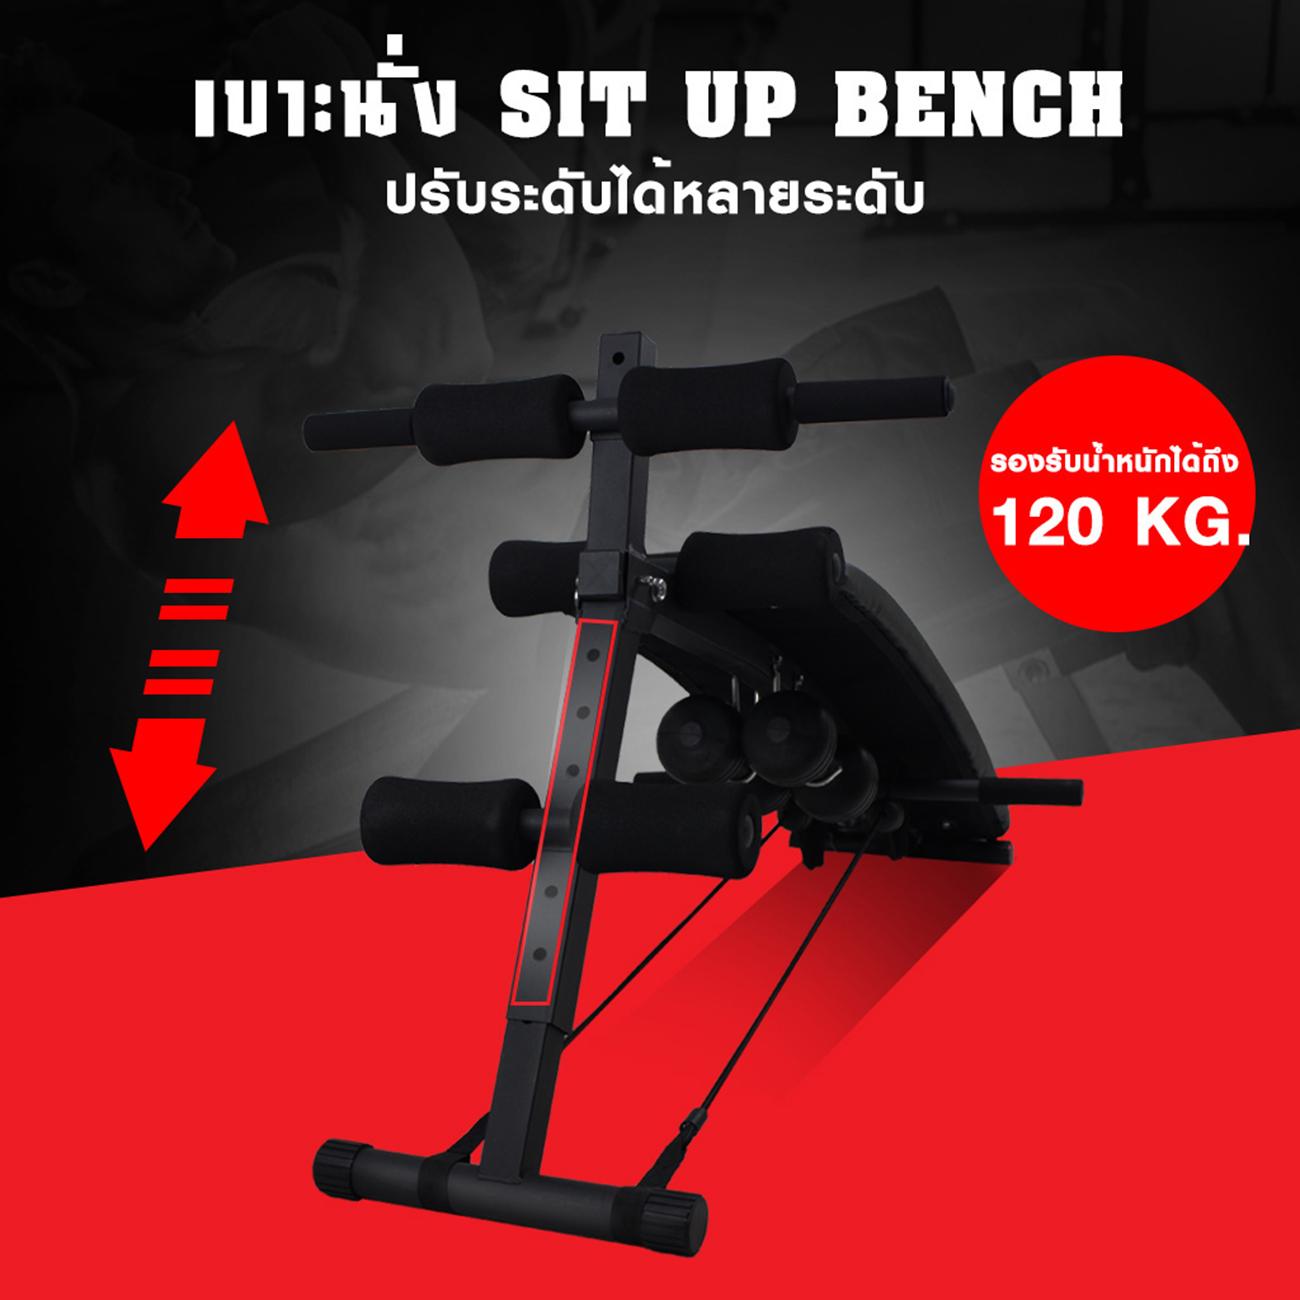 เบาะนั่งซิทอัพ Fitness Sit Up Bench รุ่น AND-6455 สีดำ